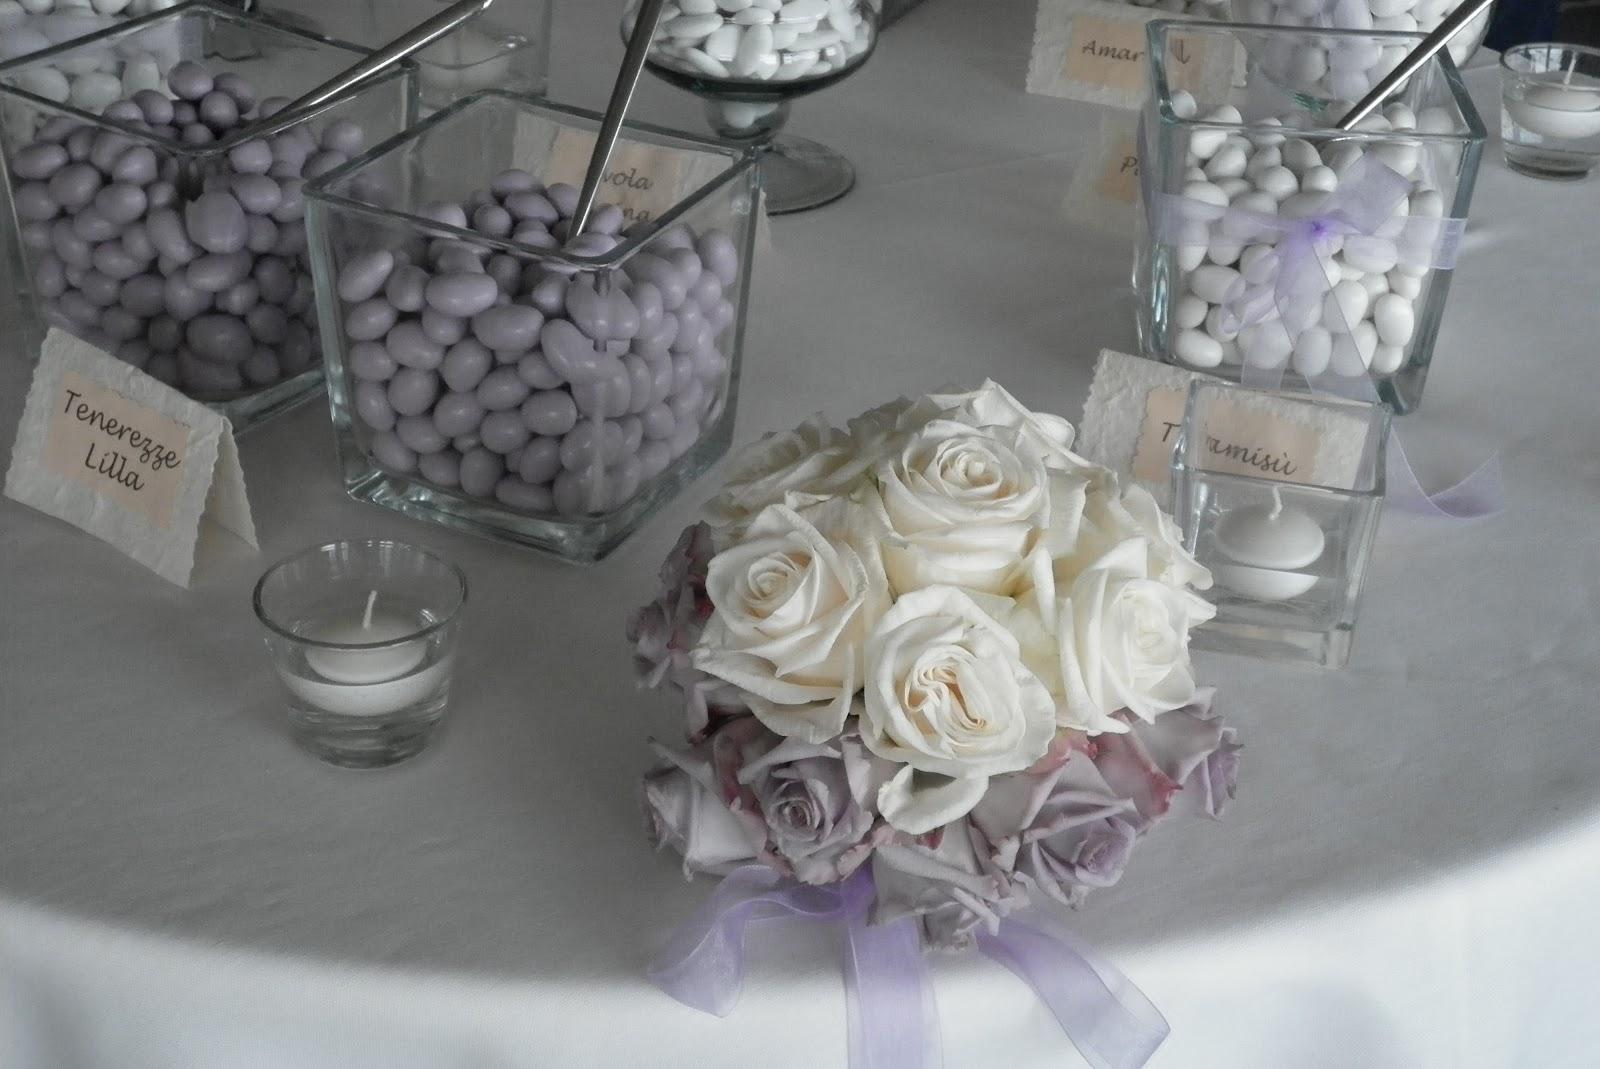 Mareventi wedding planner ravenna allestimenti floreali matrimonio bomboniere partecipazioni - Decorazioni per cresima ...